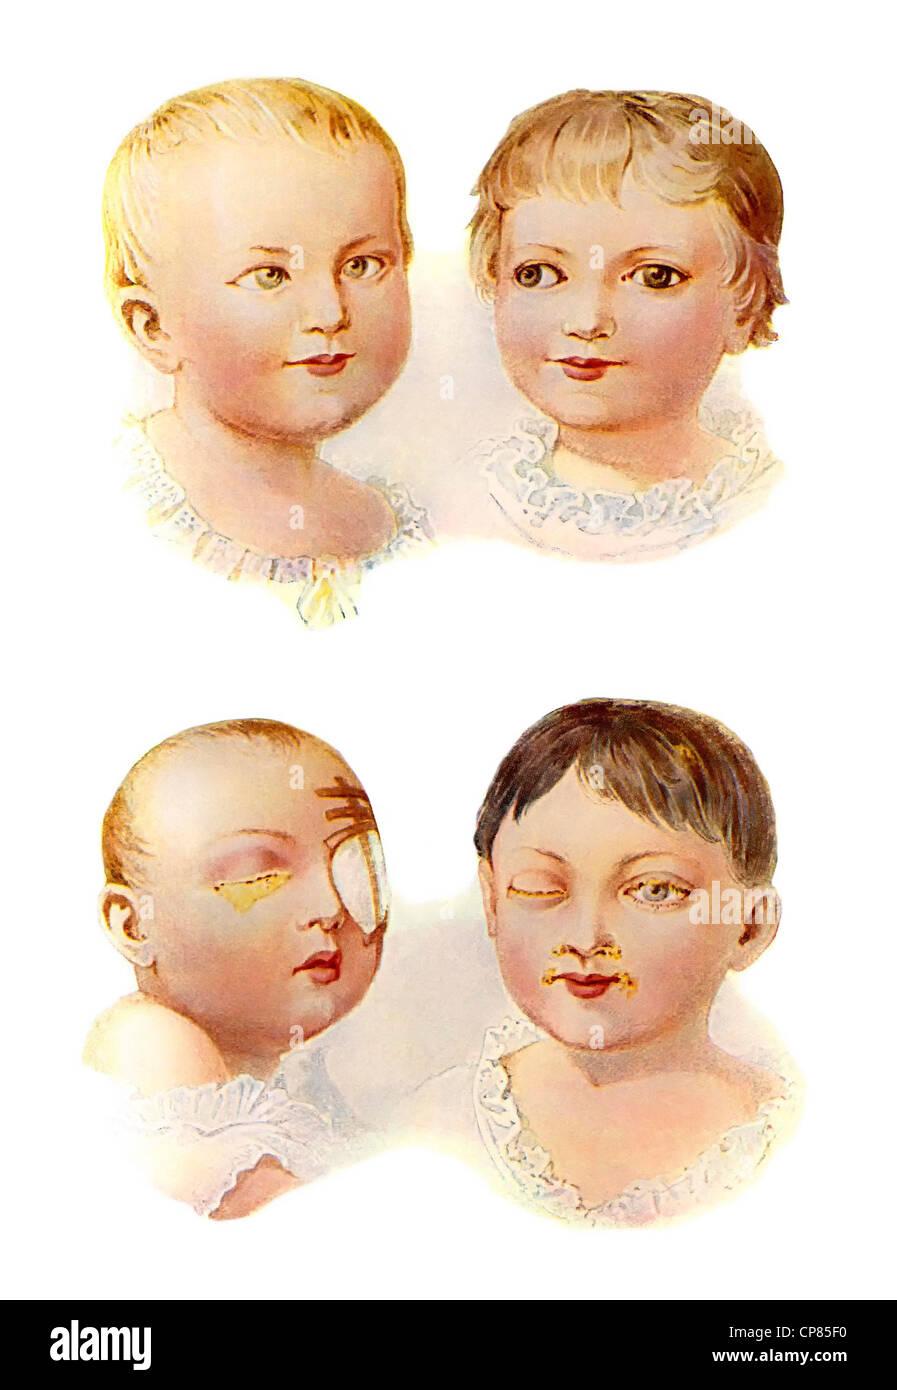 Immagini da un libro di medici, bambini di malattie dell'occhio, Darstellungen aus einem medizinischen Buch, Immagini Stock